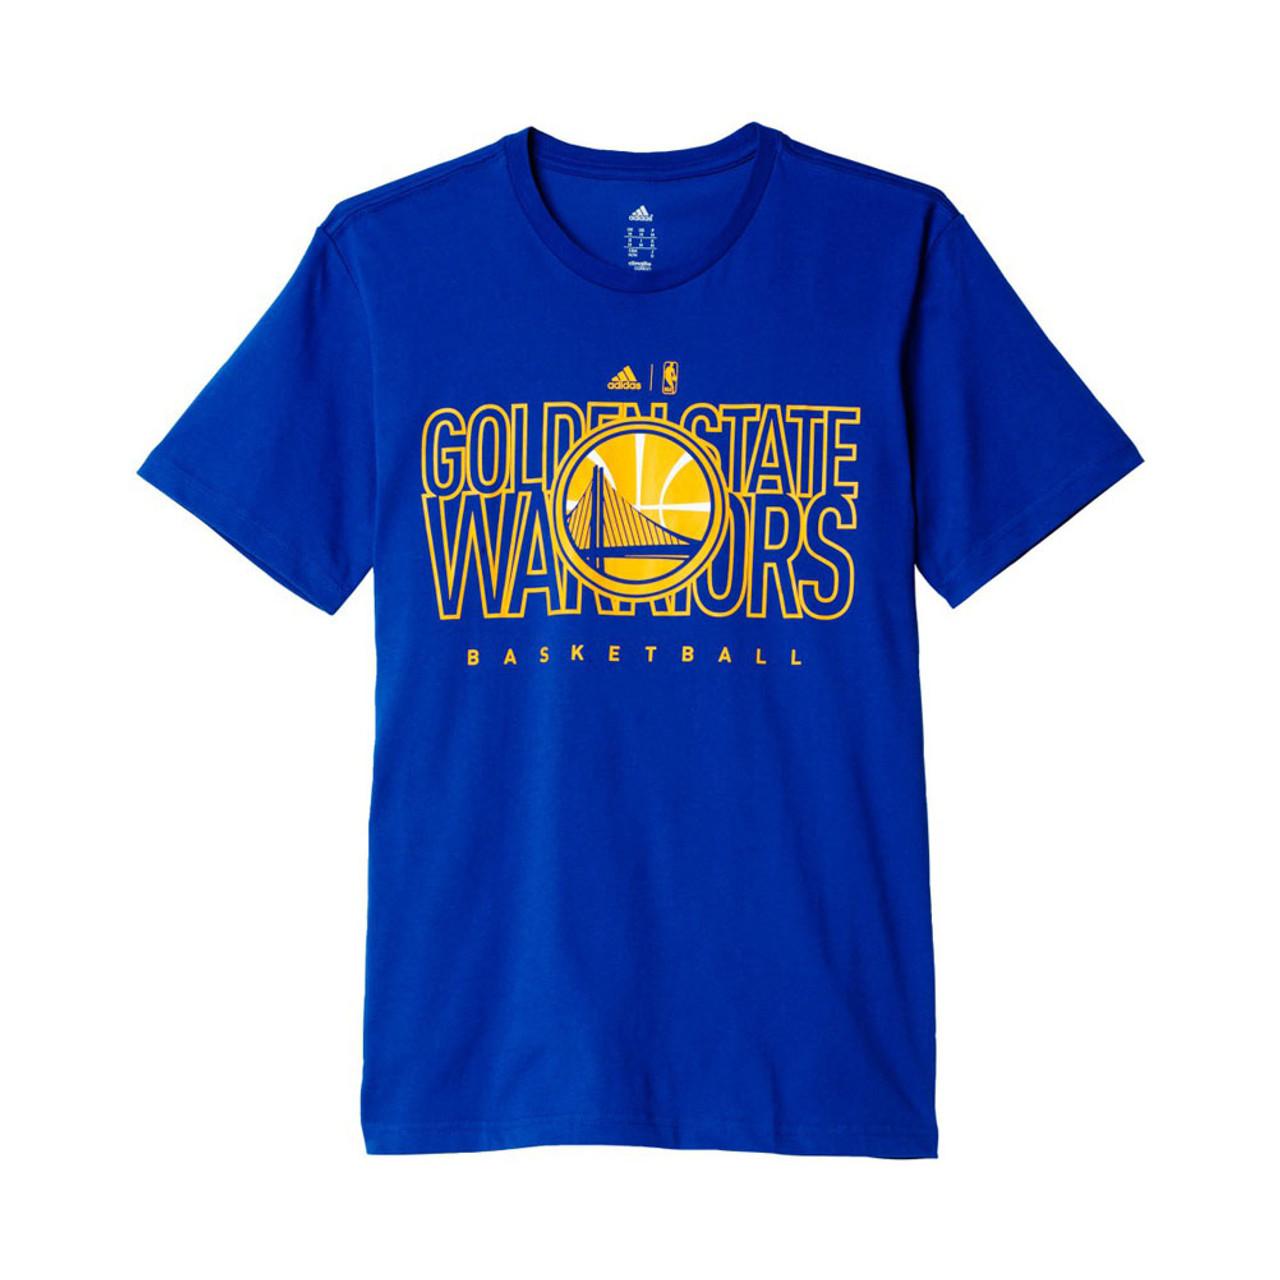 5150259c14 ADIDAS golden state warriors basketball t-shirt  blue